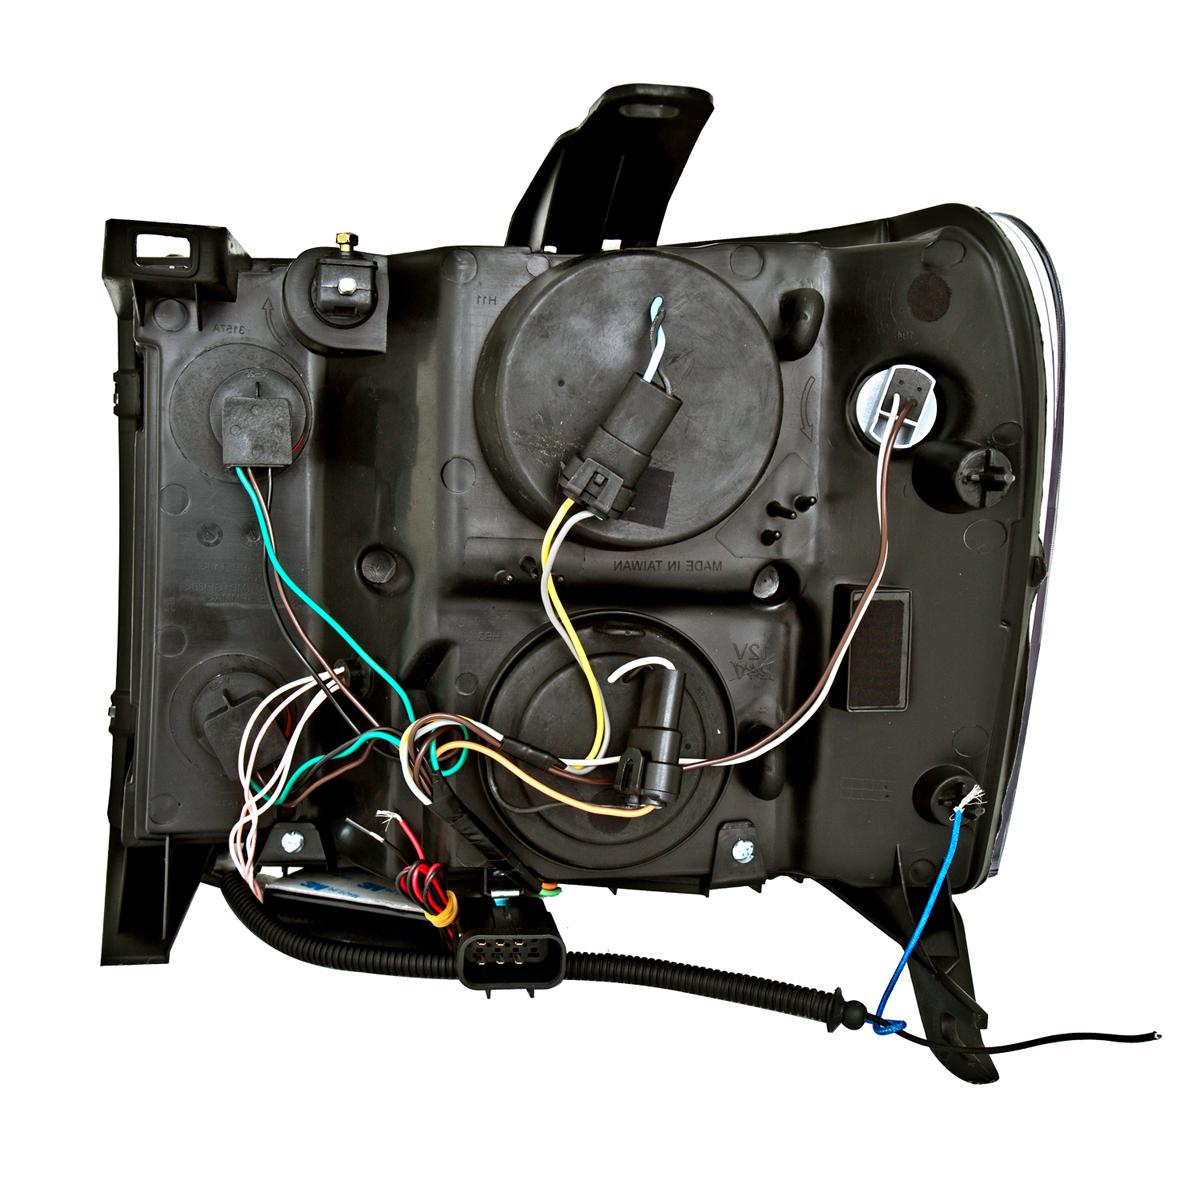 [CCFL HALO]2007-2013 GMC SIERRA 1500/2500/3500 Projector